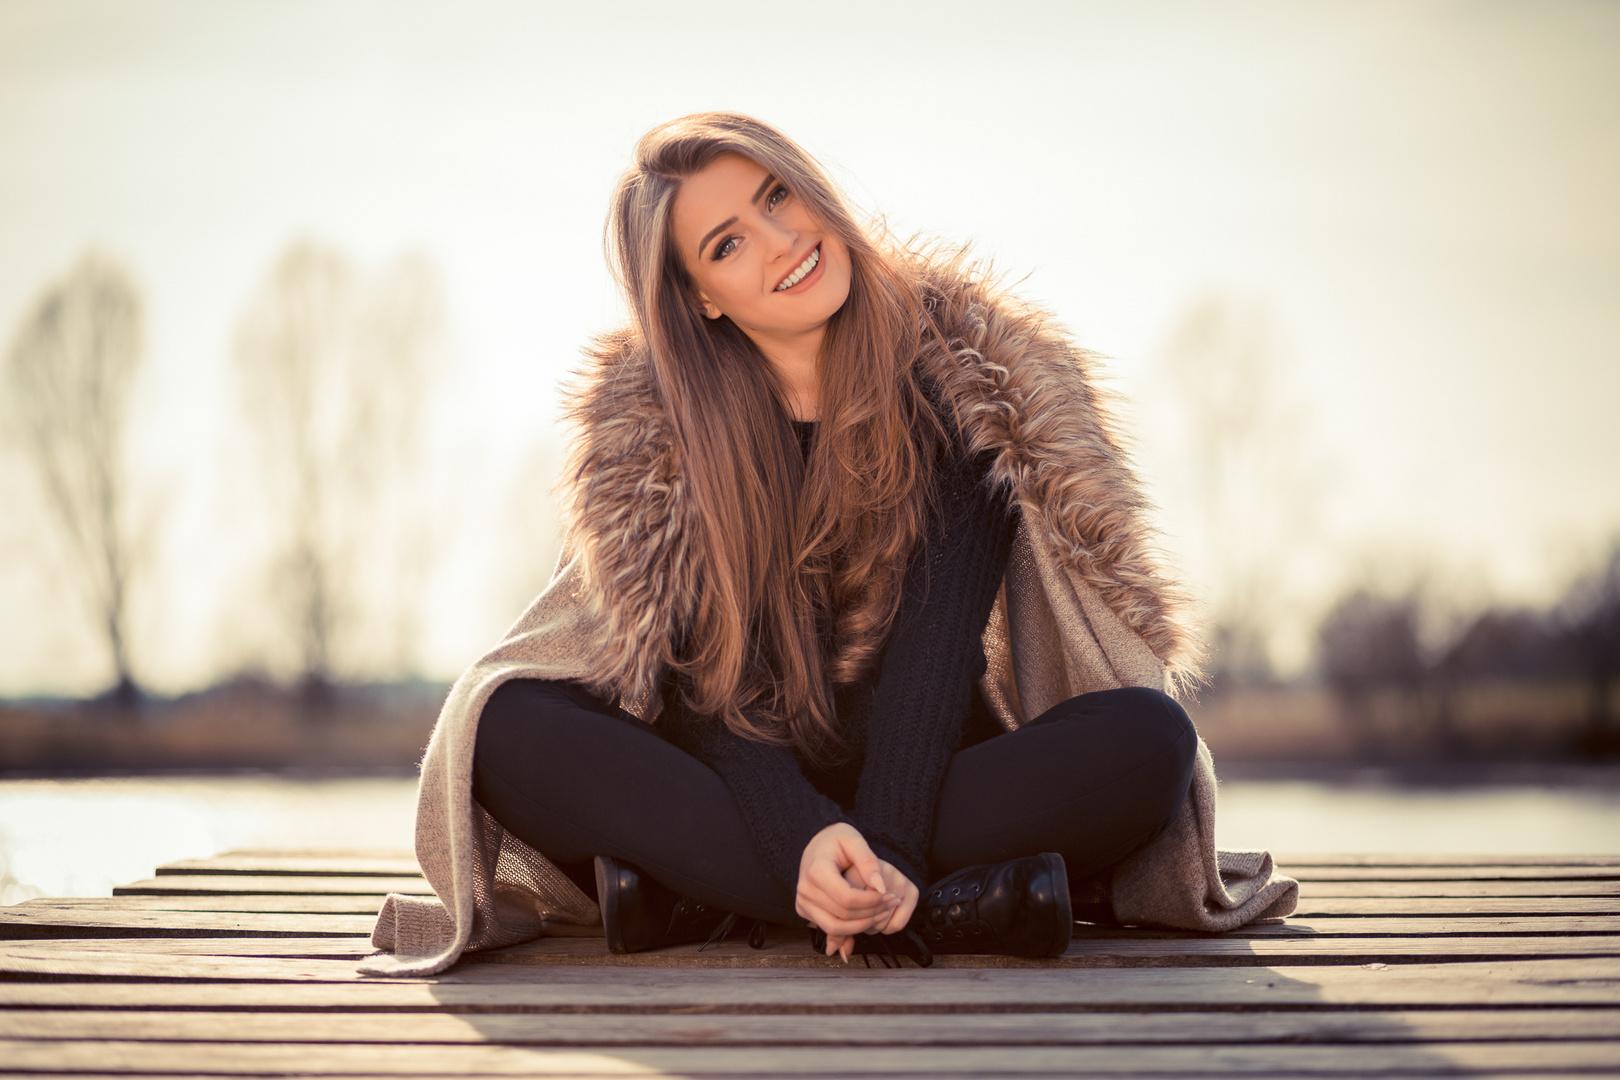 Alexander-Frommer-Photography-Anna (19 von 20)